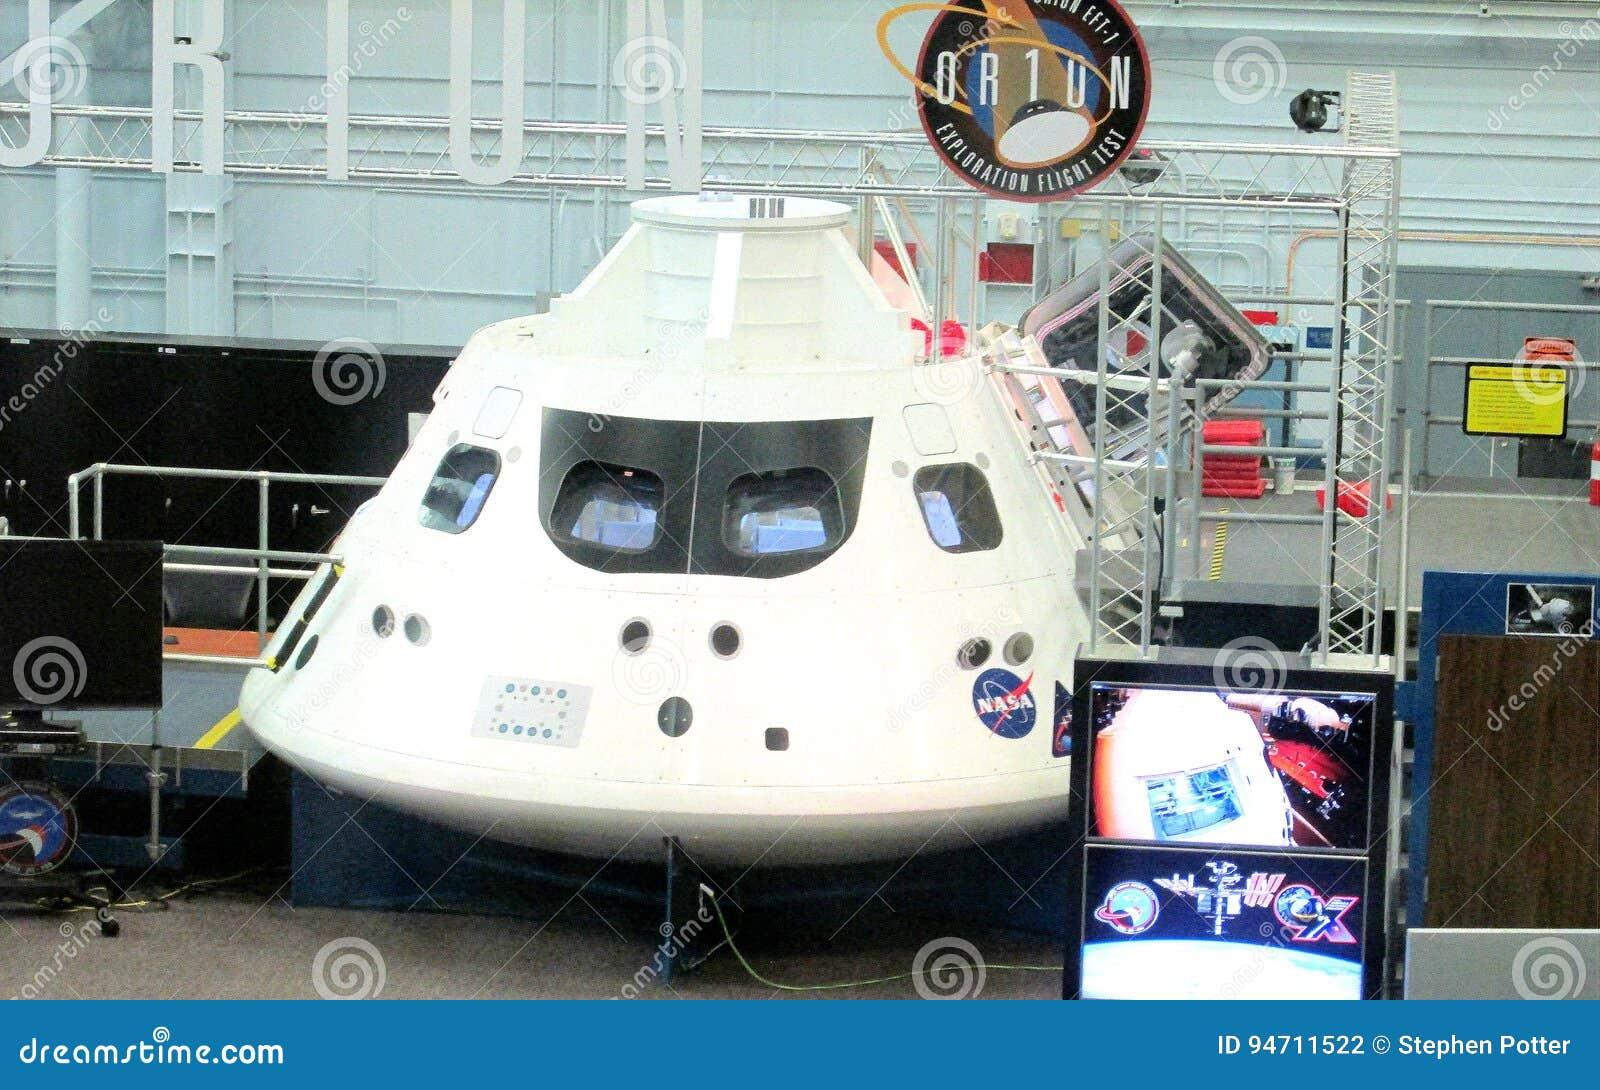 Космическая капсула Ориона проекта NASA под конструкцией в здании собрания на космическом центре Джонсона в Хьюстоне, Техасе